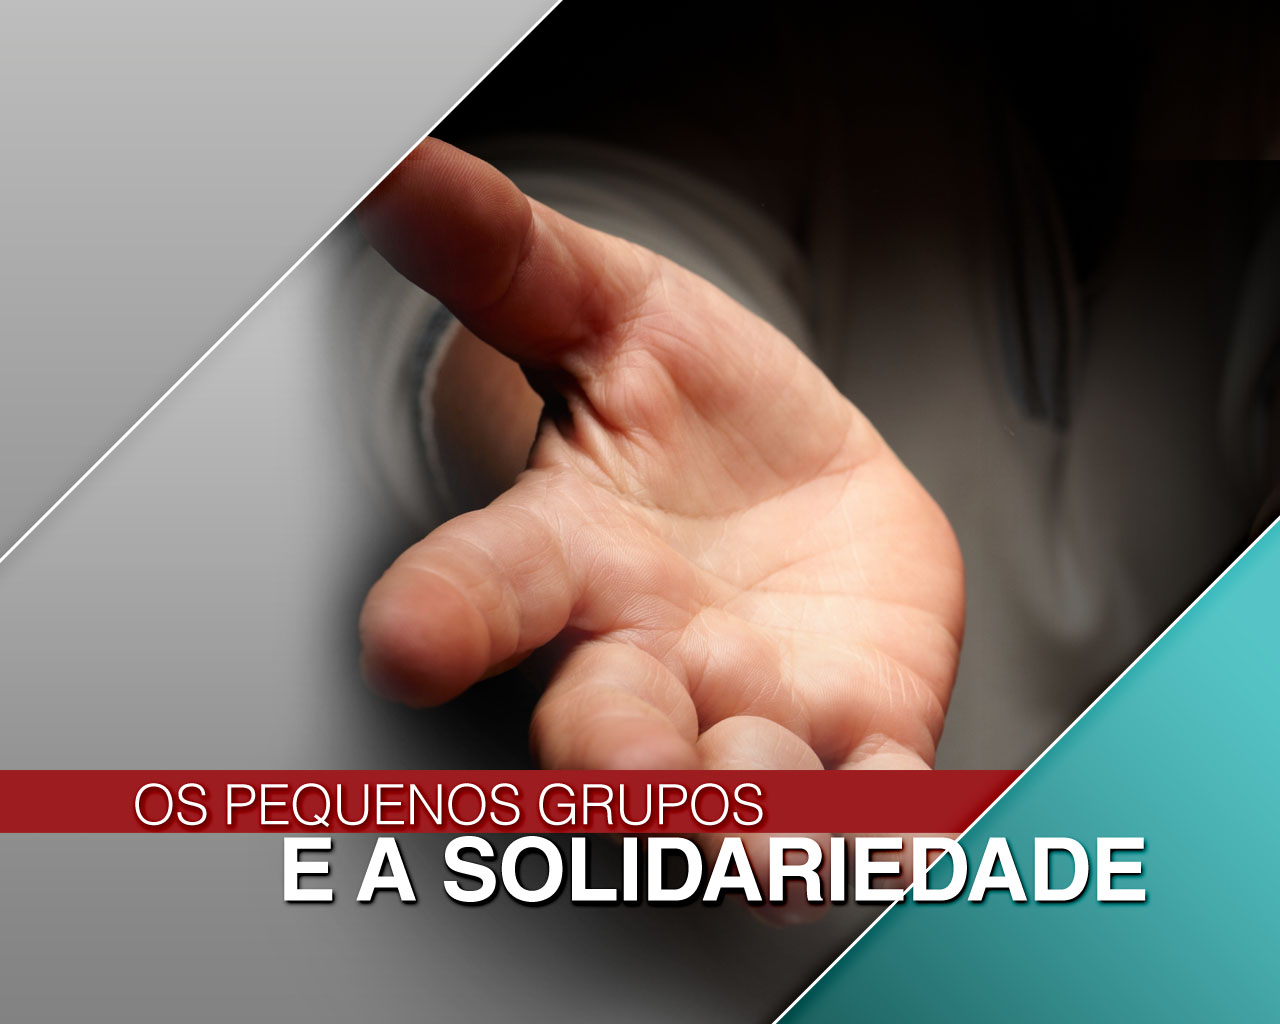 Manual: Os pequenos grupos e a solidariedade